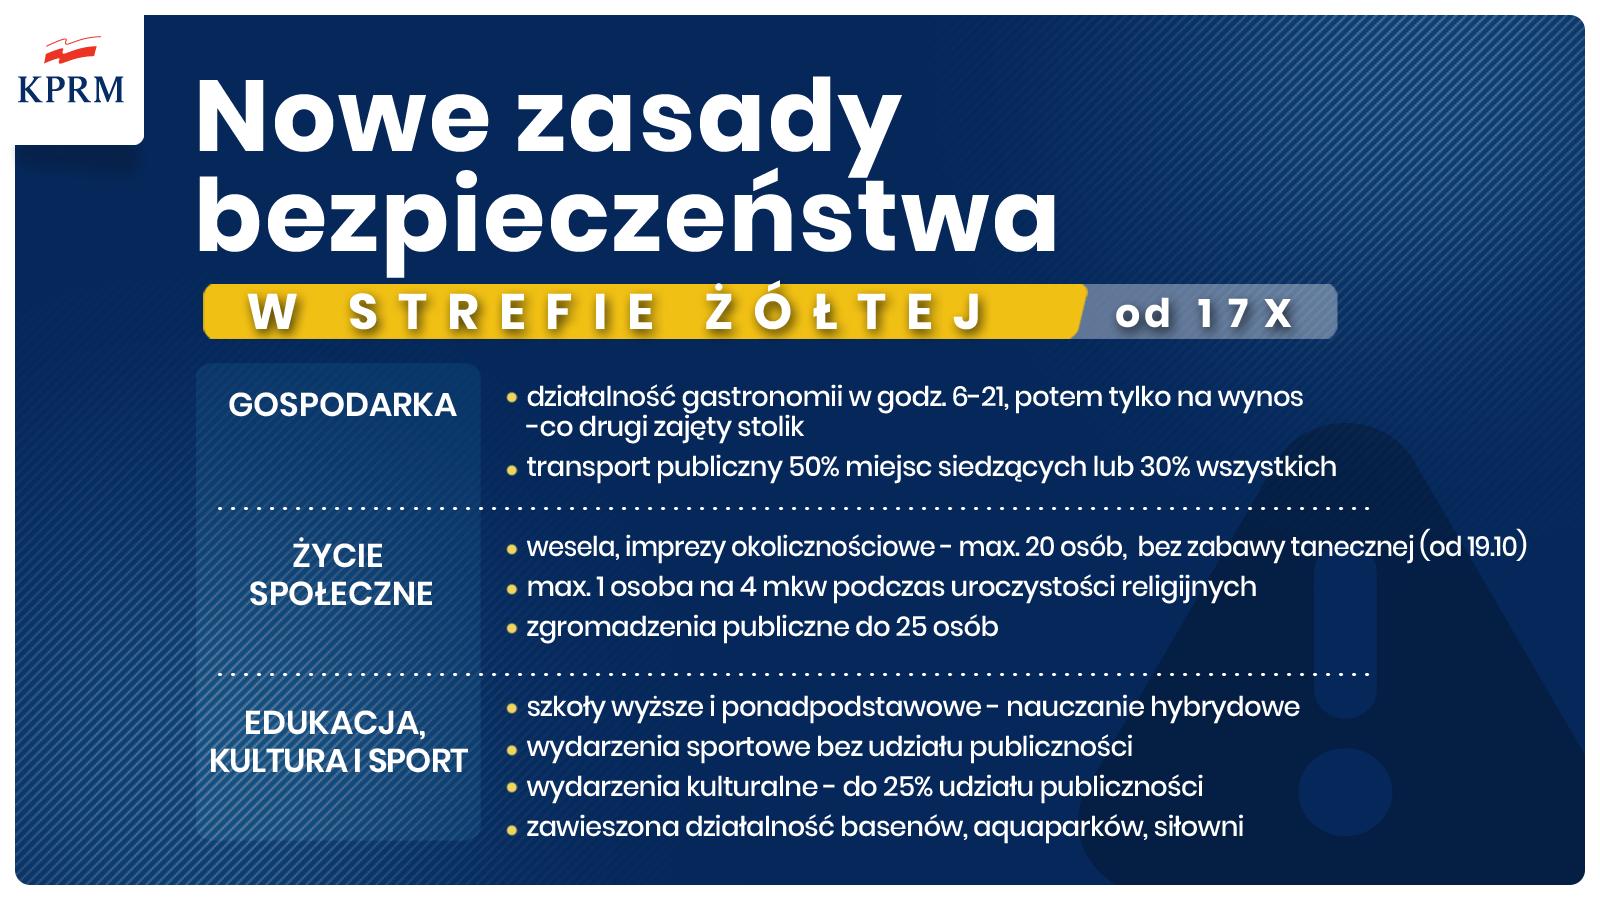 https://m.powiatszczycienski.pl/2020/10/orig/strefa-zolta-35339.png